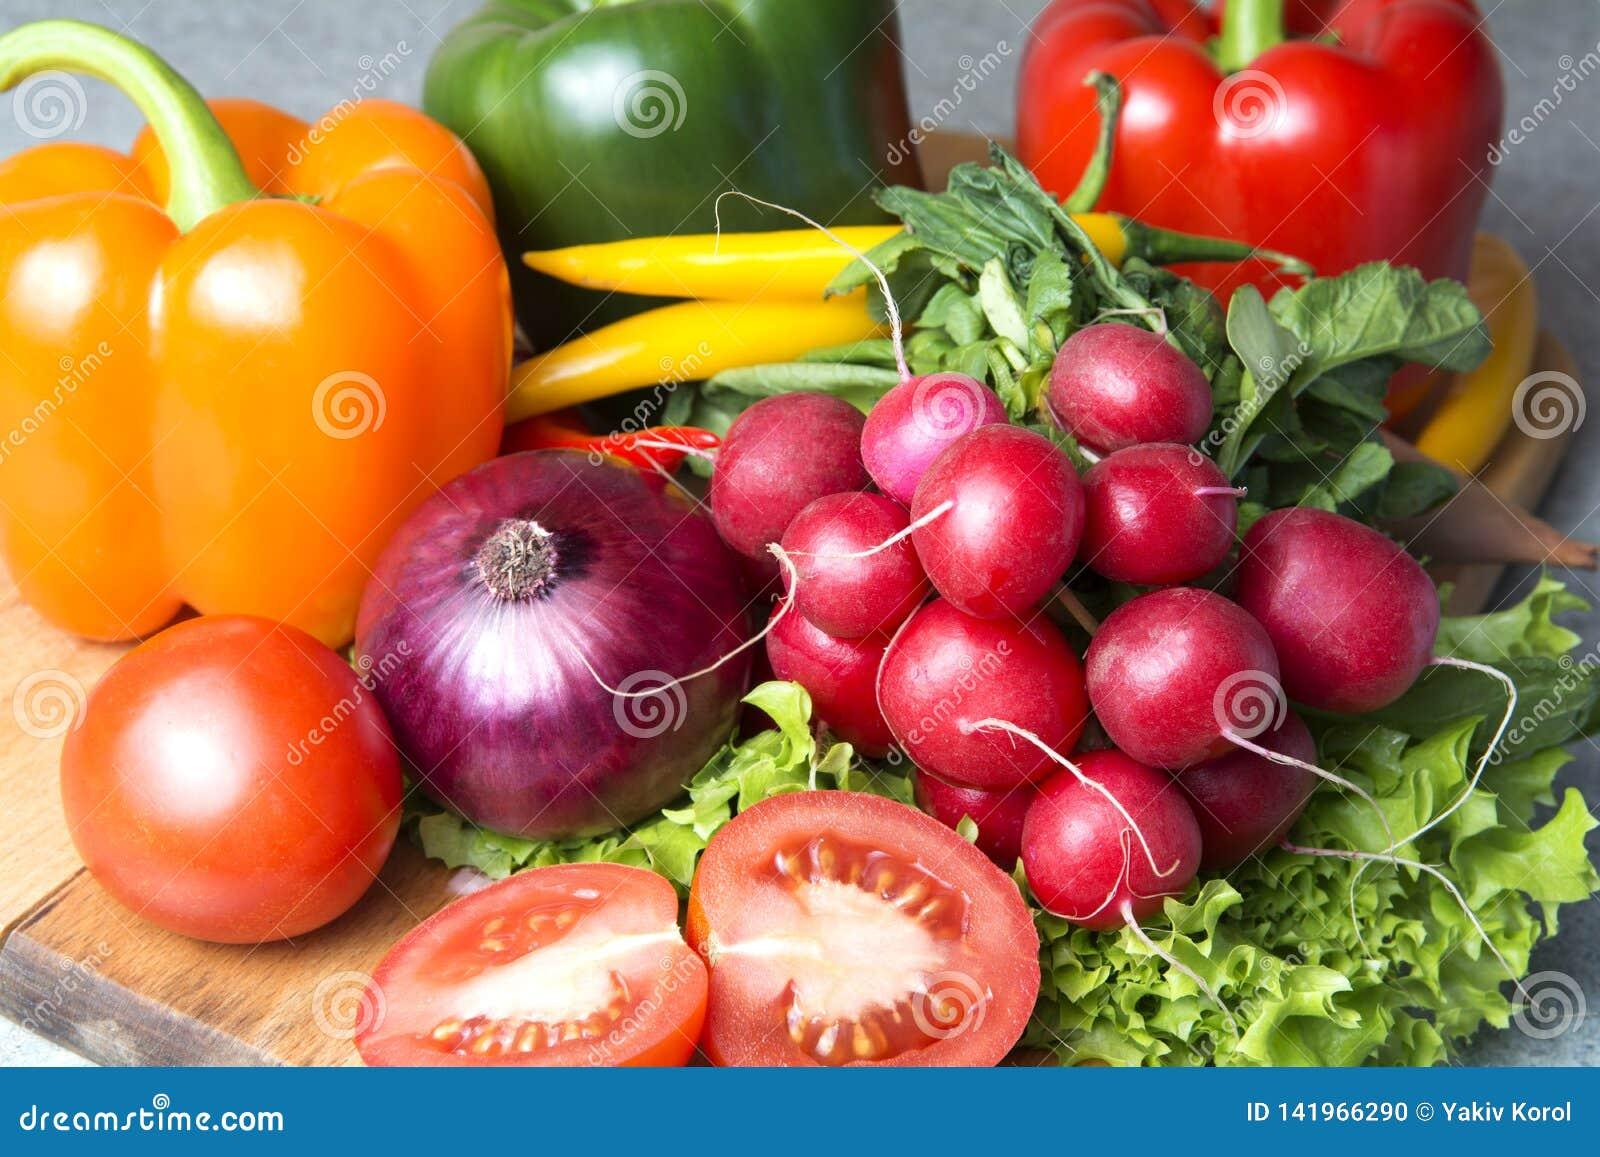 Mistura vegetal a cozinha Rabanete, tomate, paprika vermelha, paprika verde, paprika amarela, pimenta de pimentão encarnado, mala